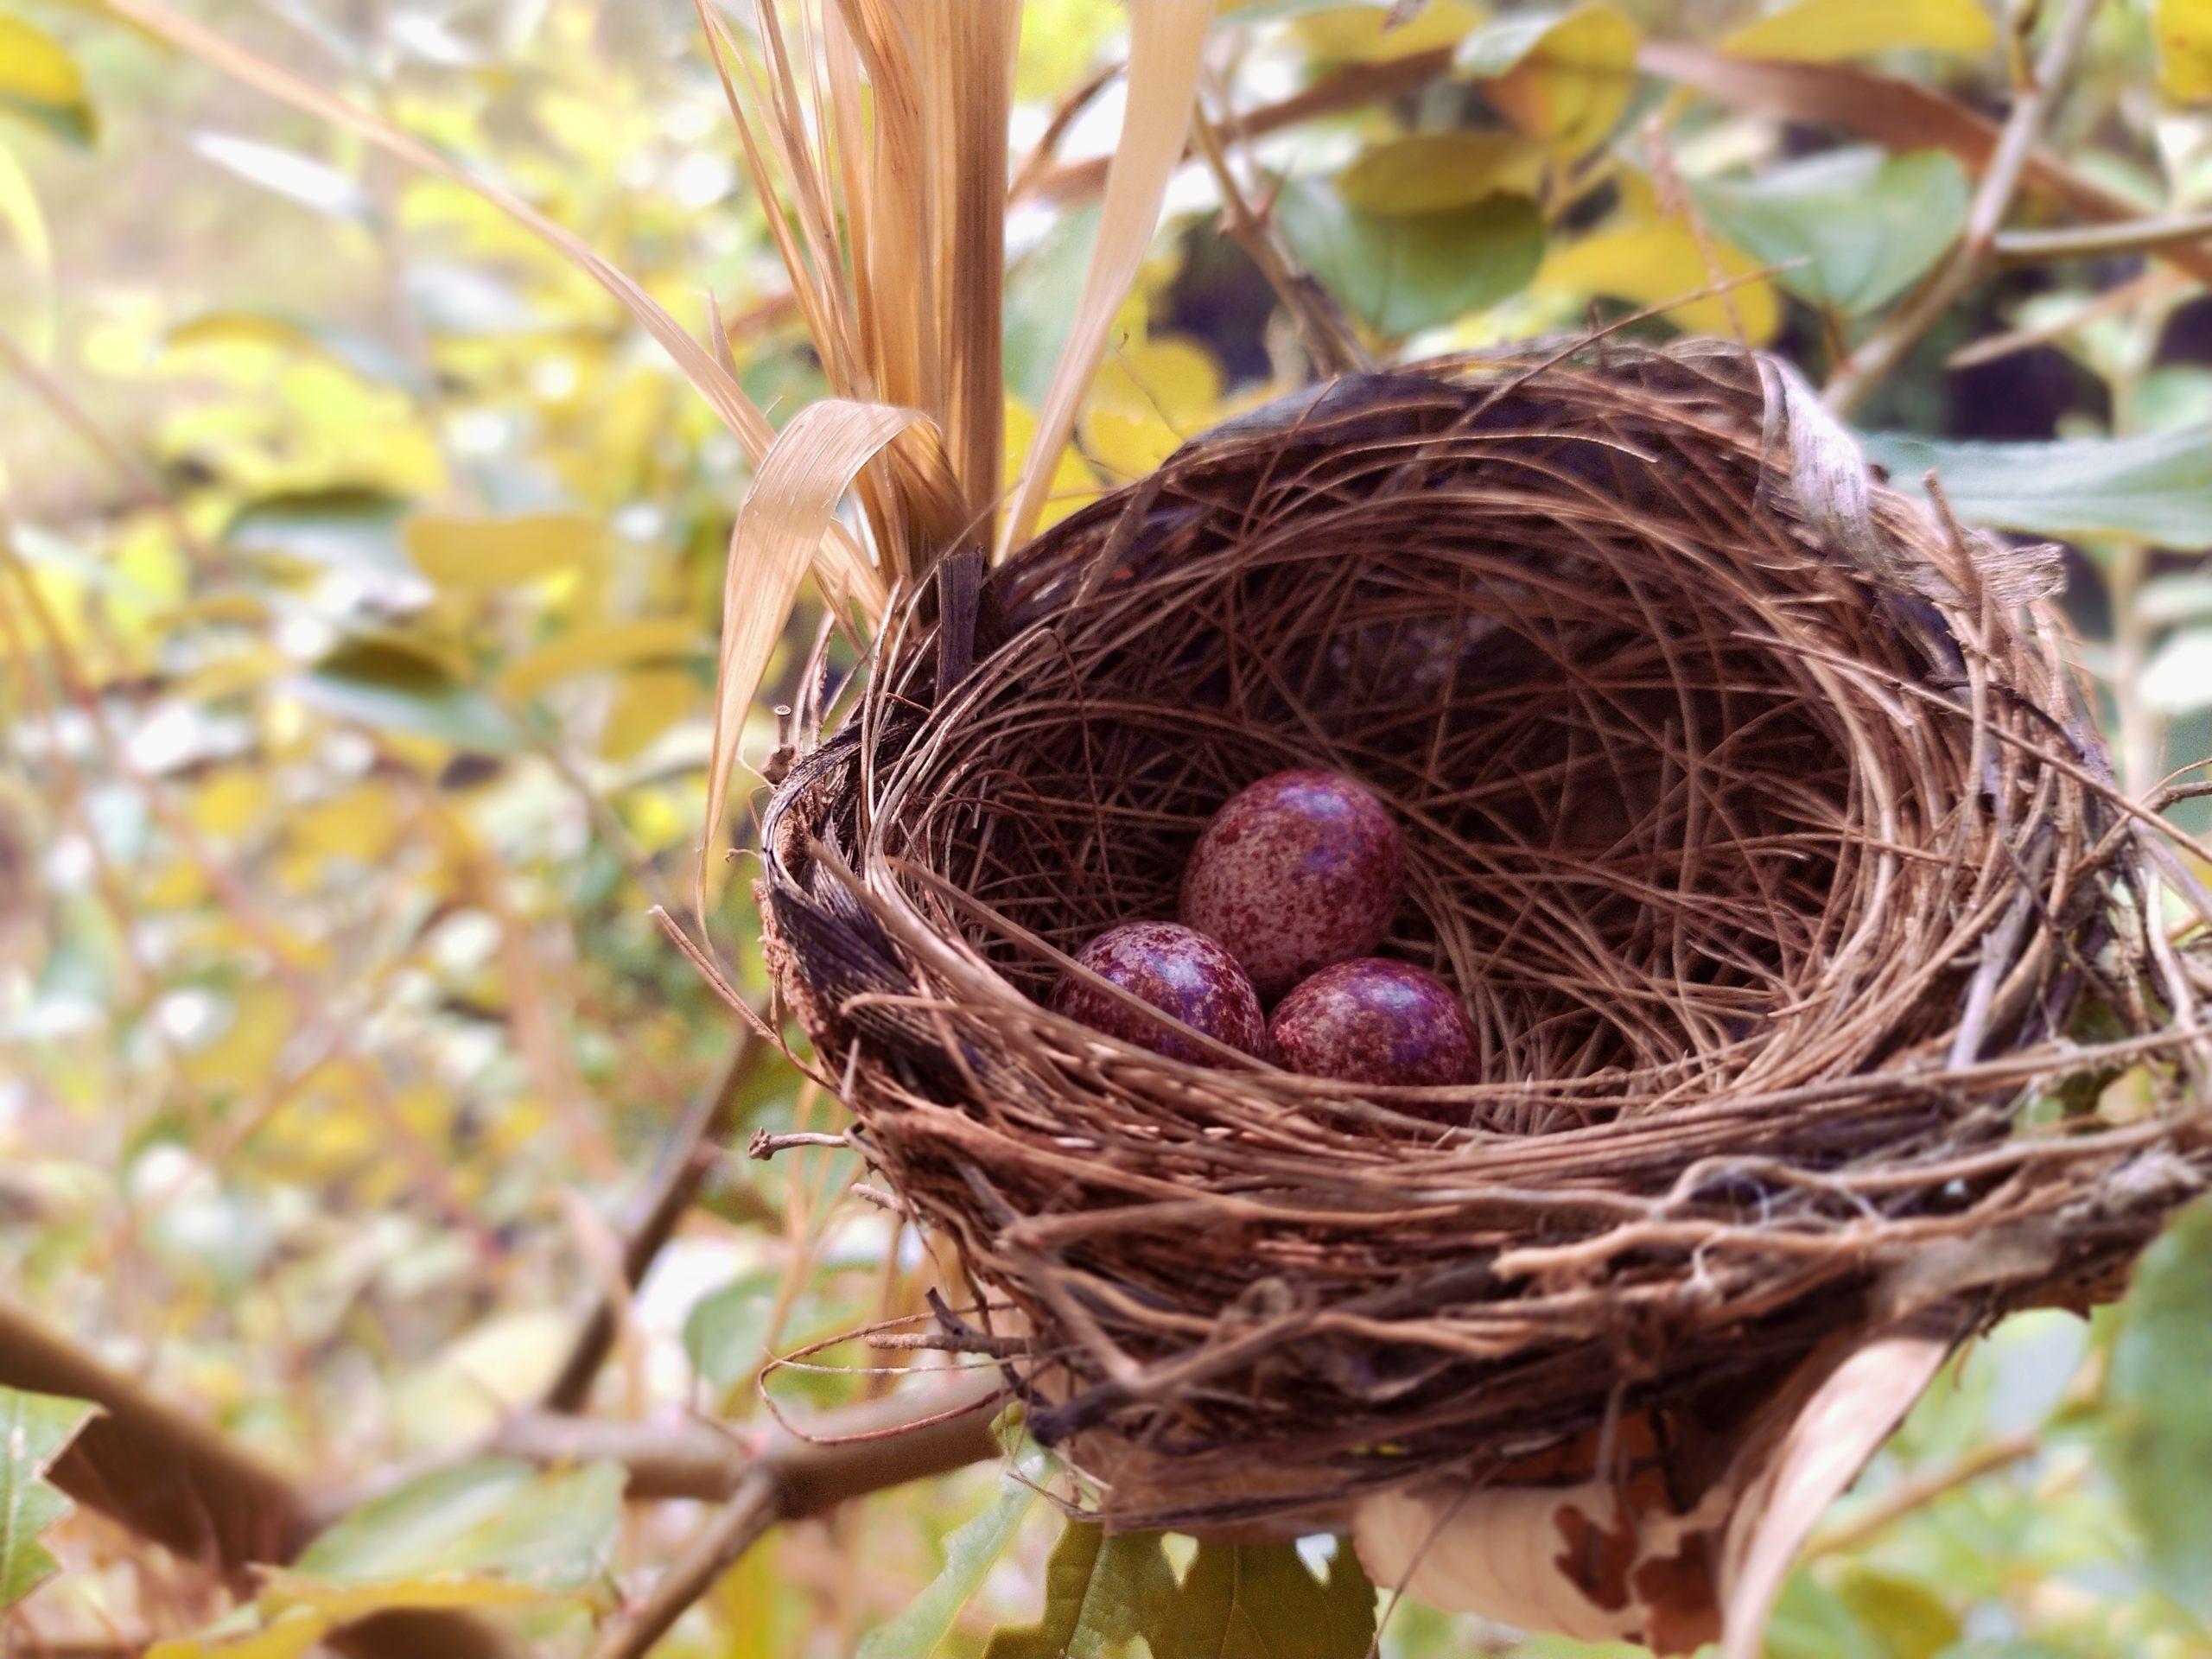 Eggs on Bird Nest